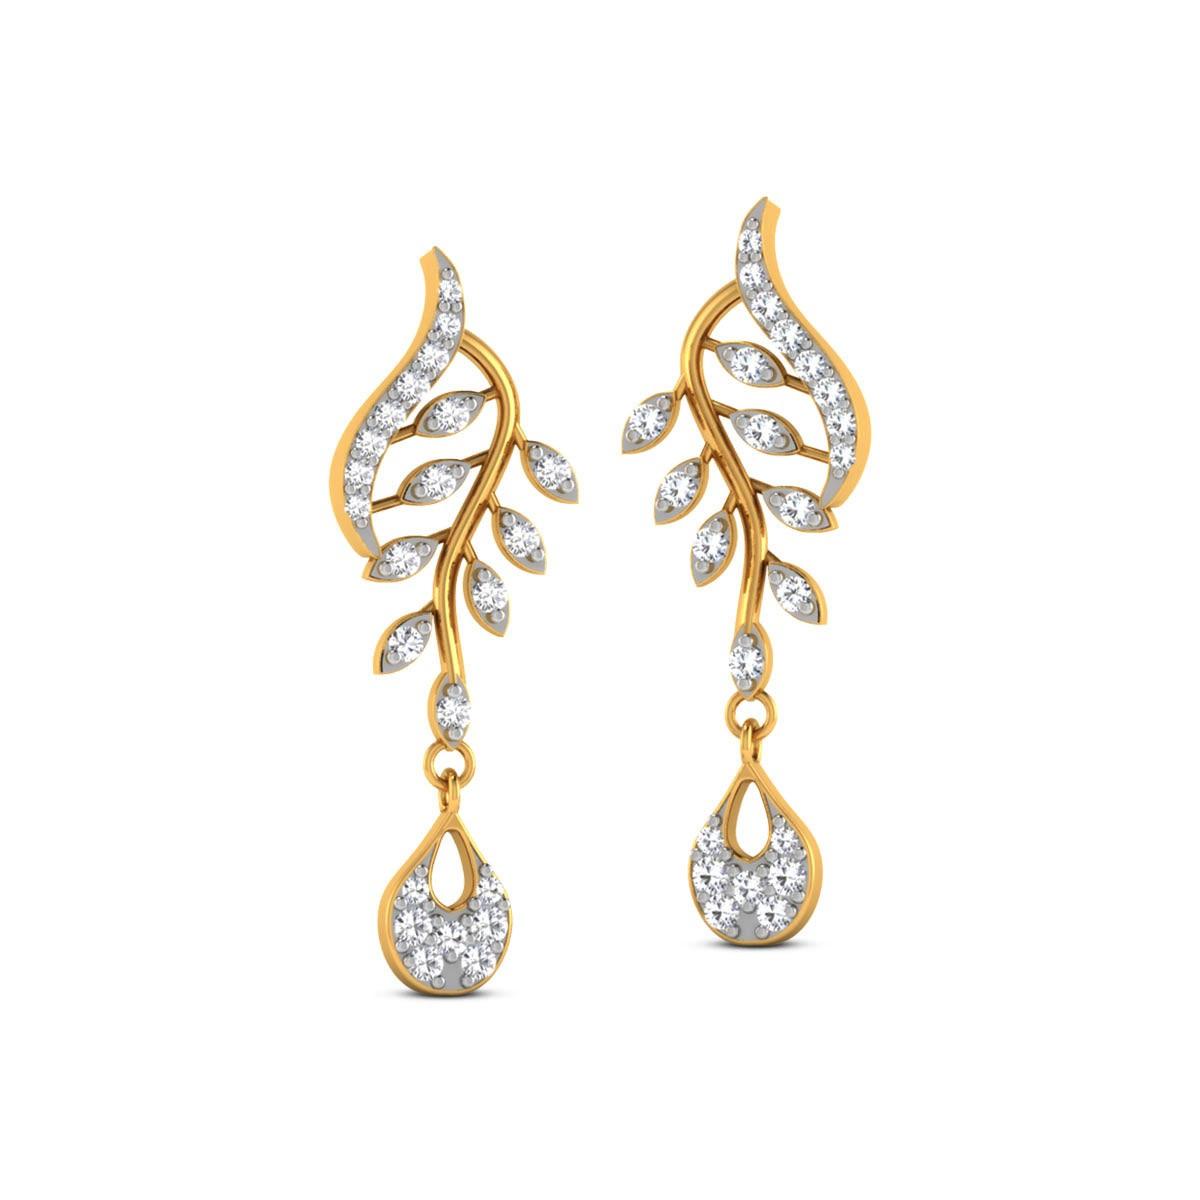 Dalika Diamond Leafy Stud Earrings